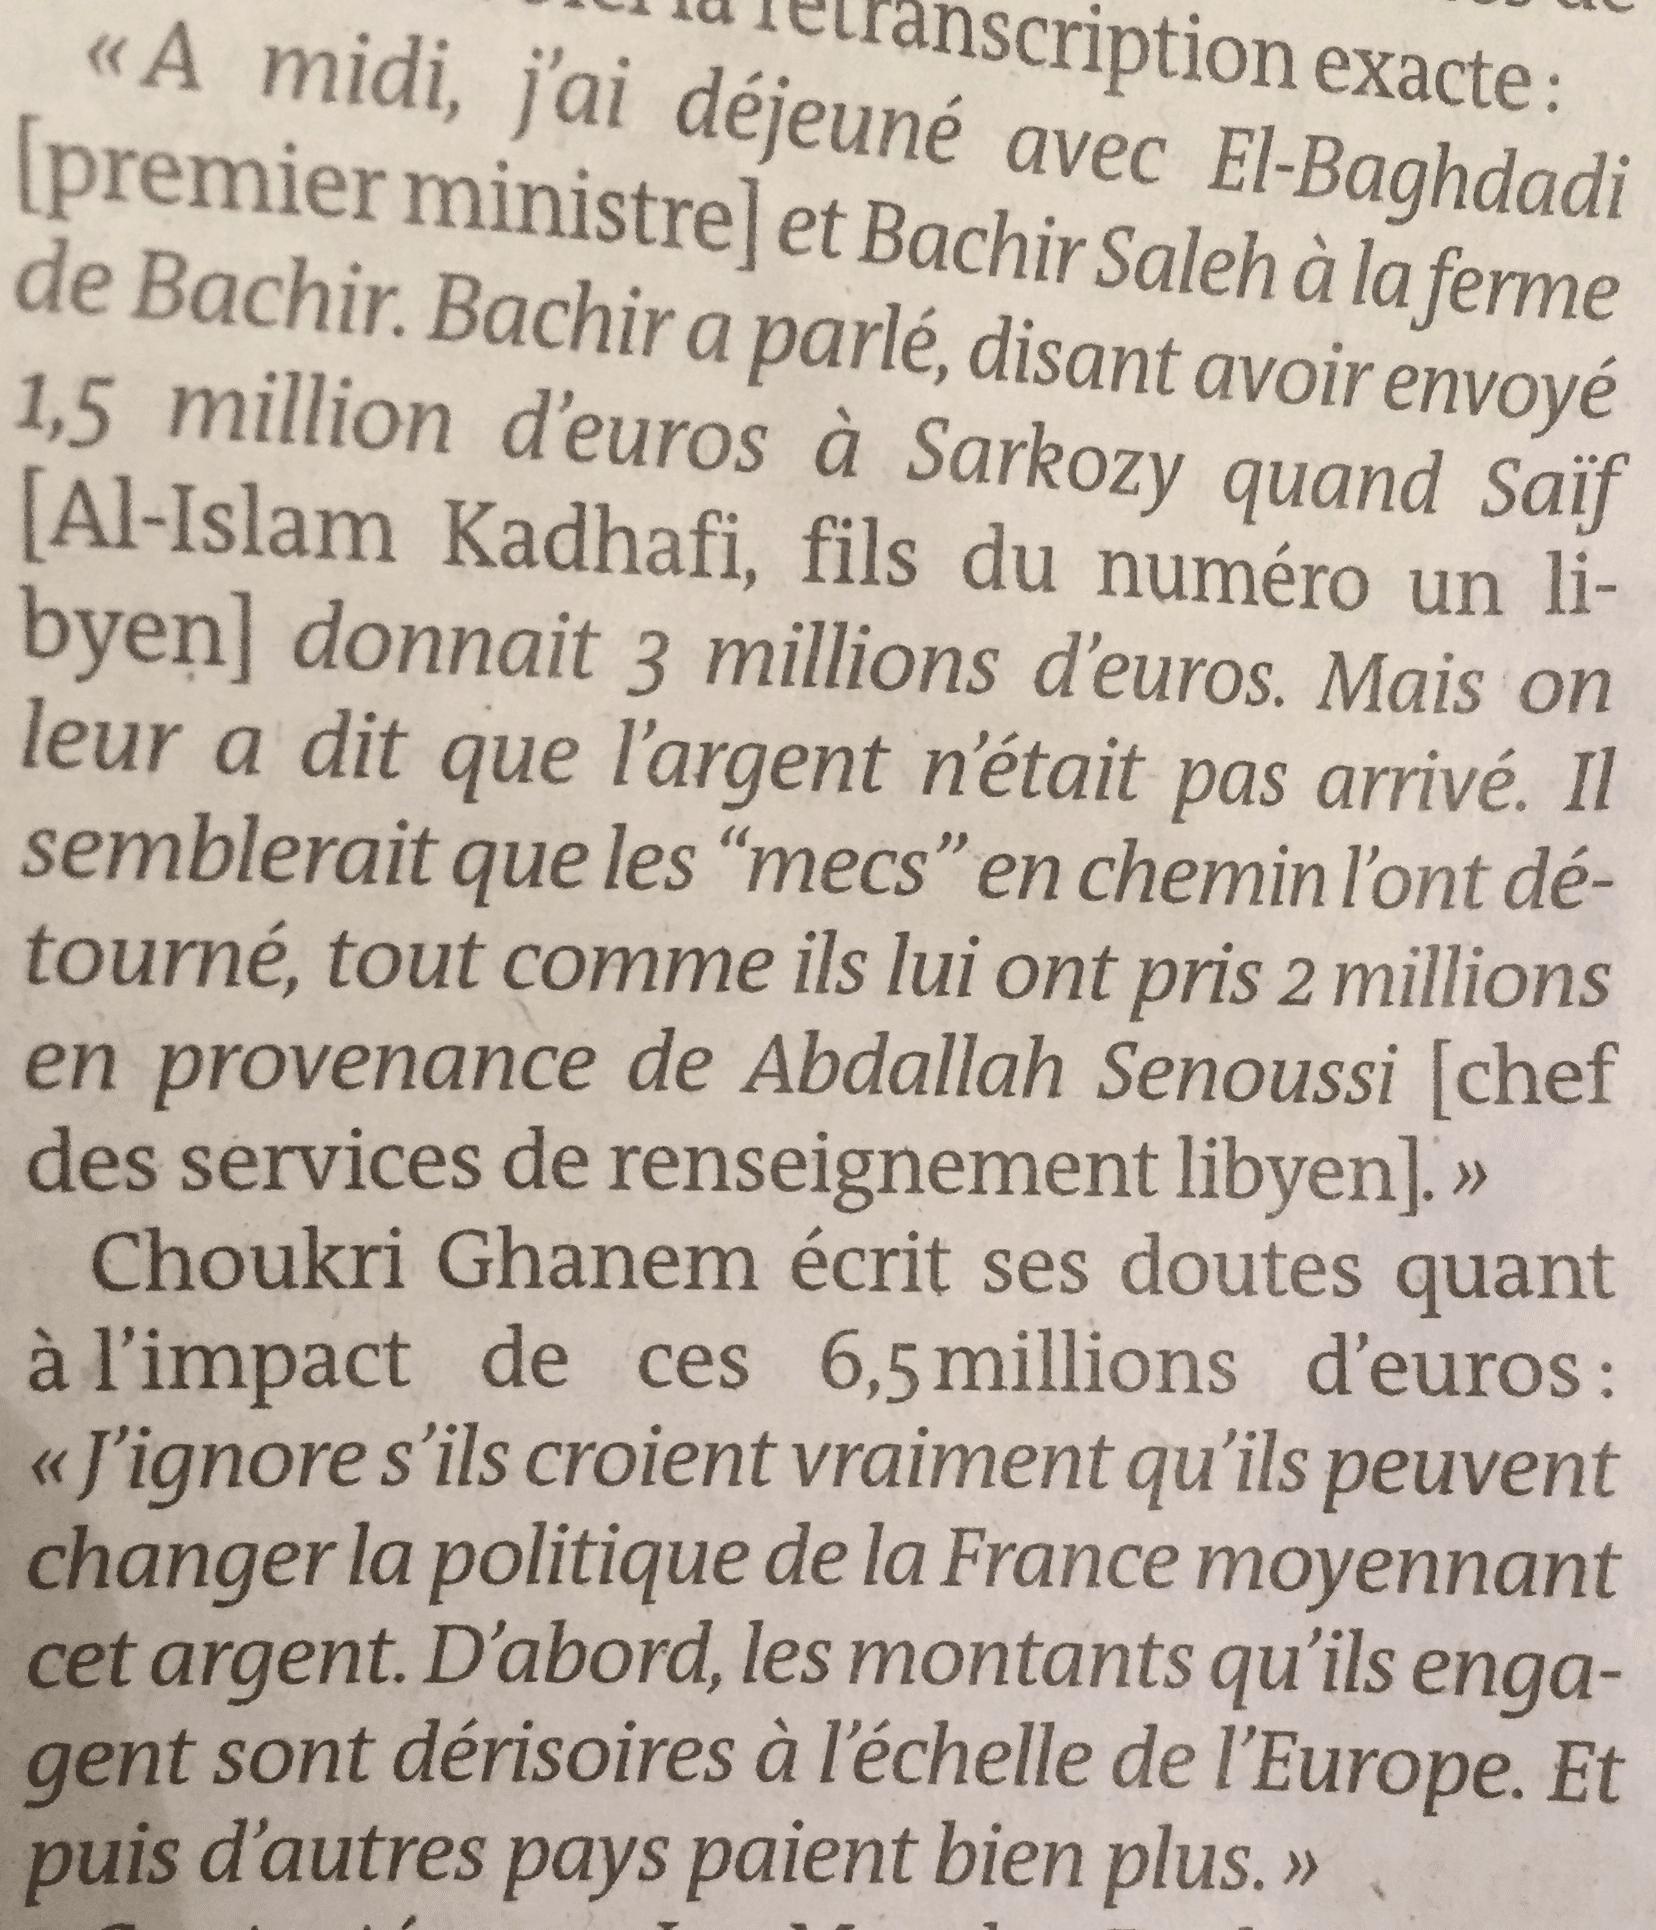 صورة مقطعين تحدث فيهما شكري عن قضية التمويل المزعوم لحملة ساركوزي الإنتخابية